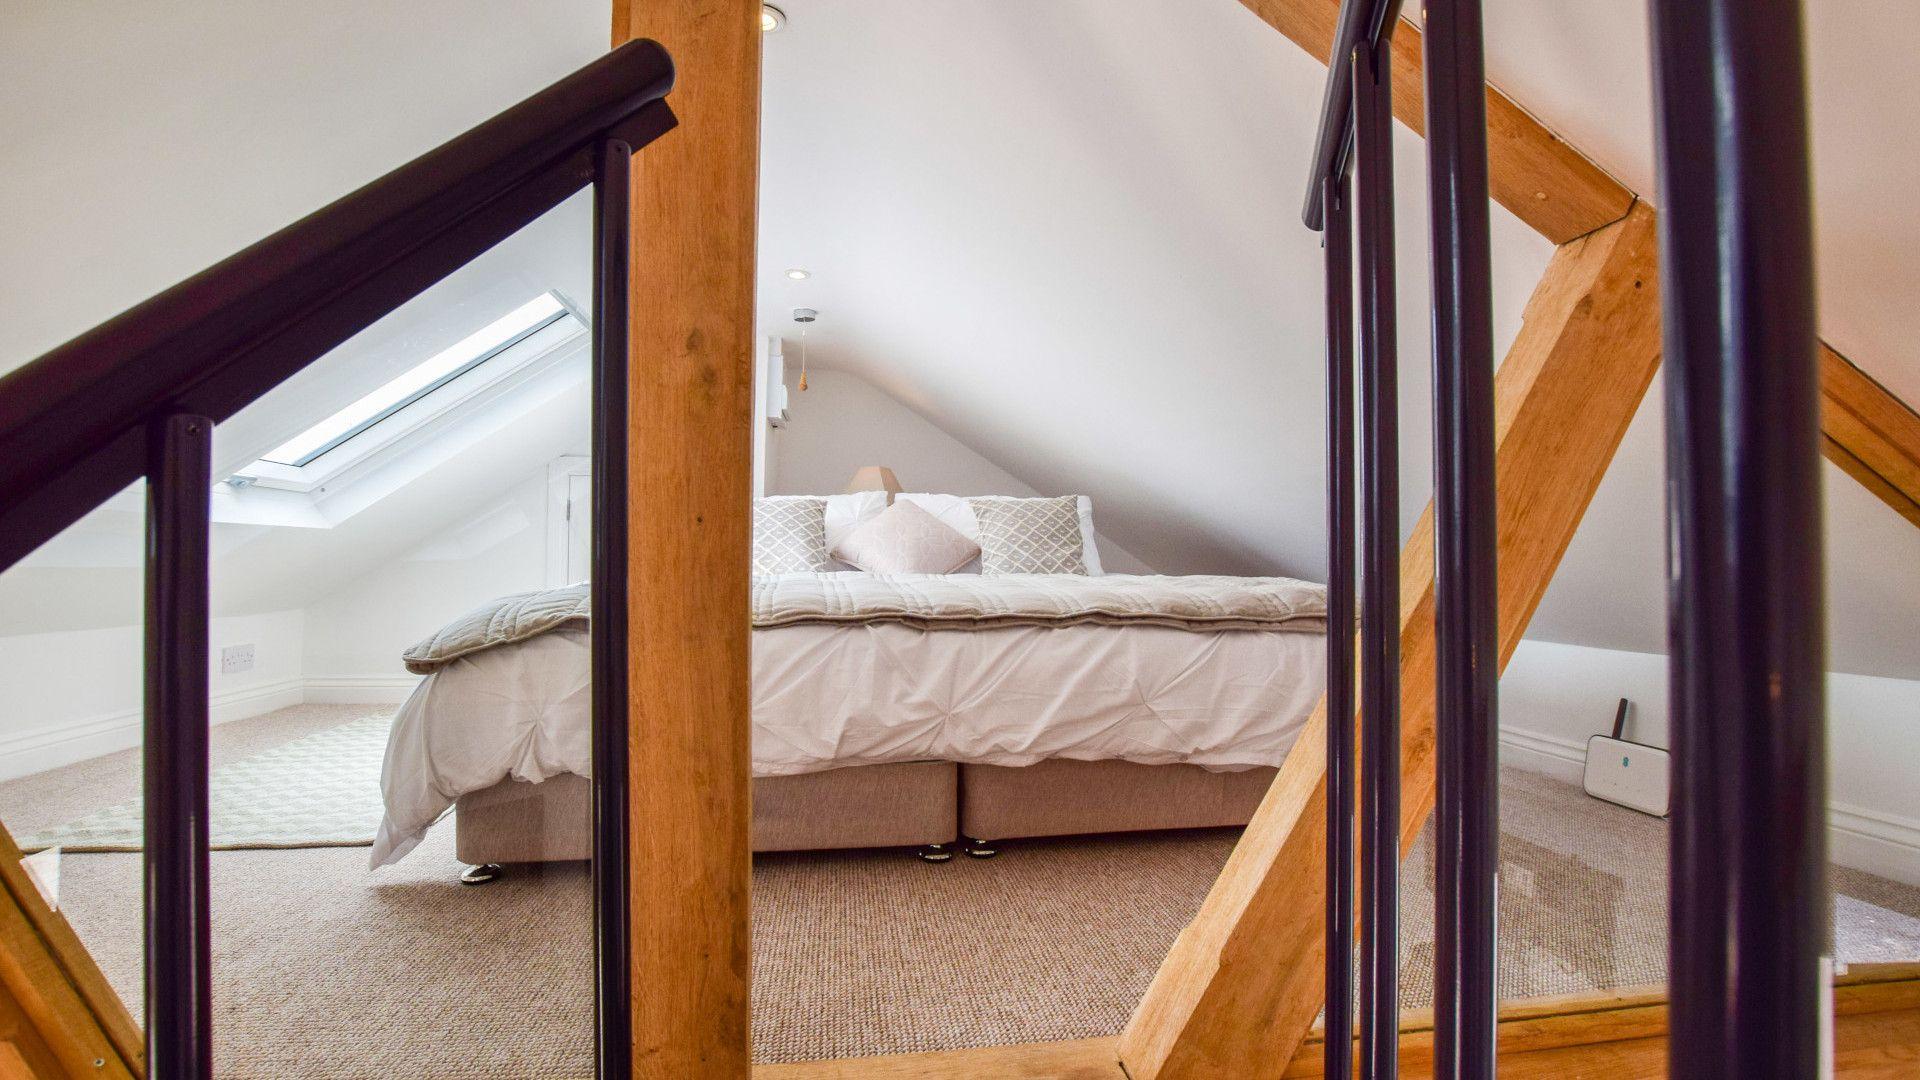 Mezzanine sleeping area, Hayloft at Walnut Farm, Bolthole Retreats